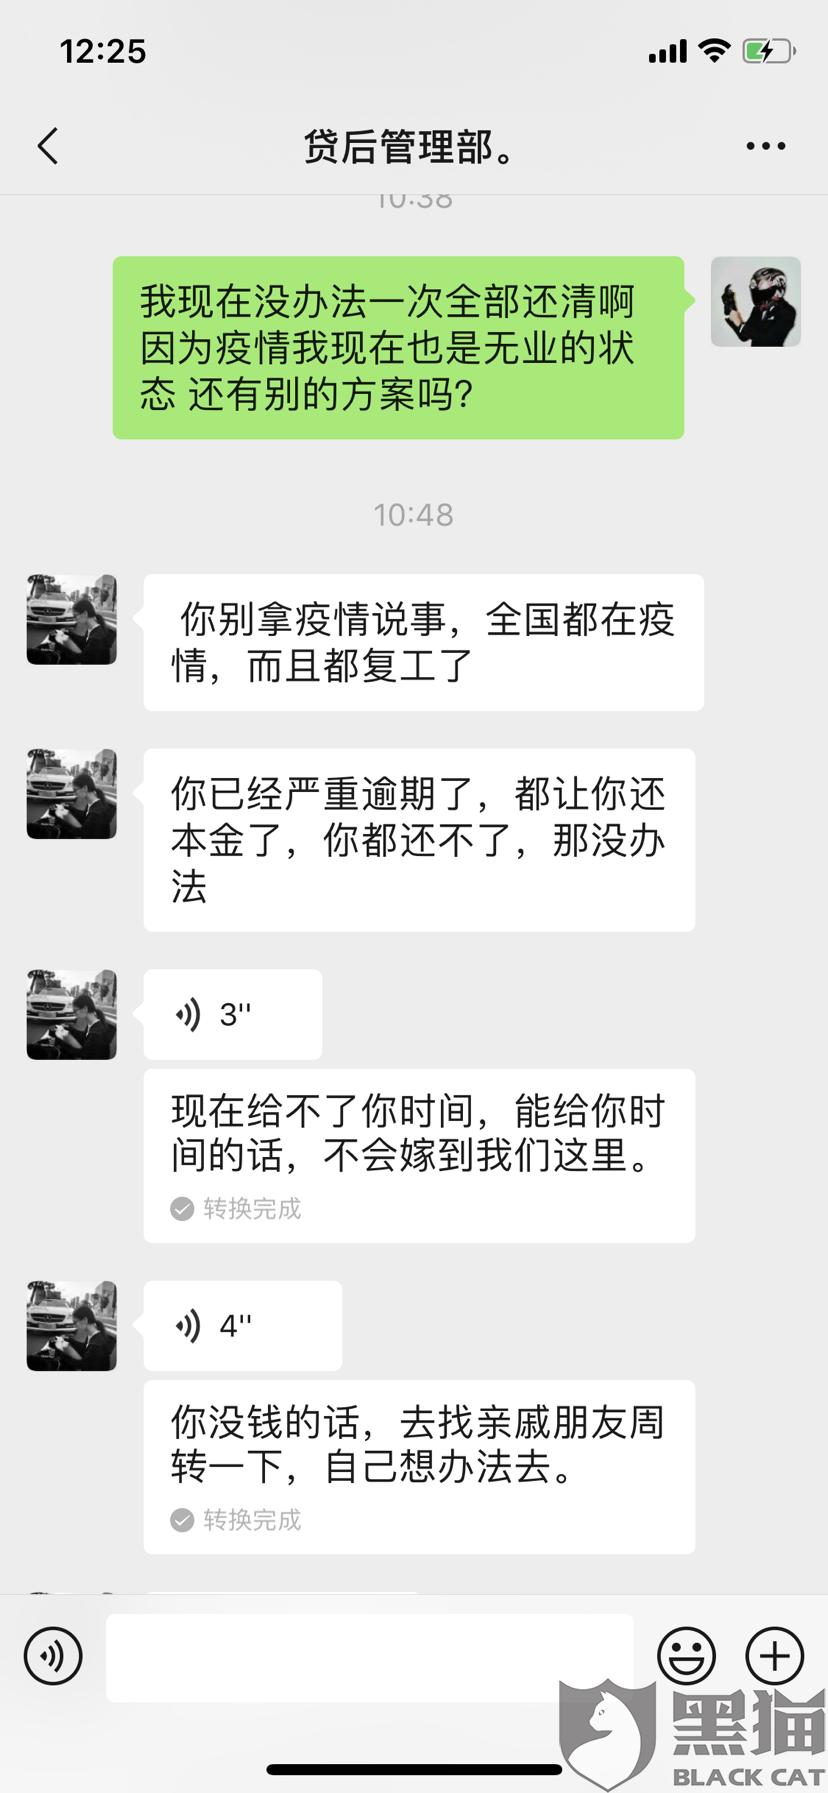 黑猫投诉:协商美图e钱包客服无果 外包催债公司恐吓威胁